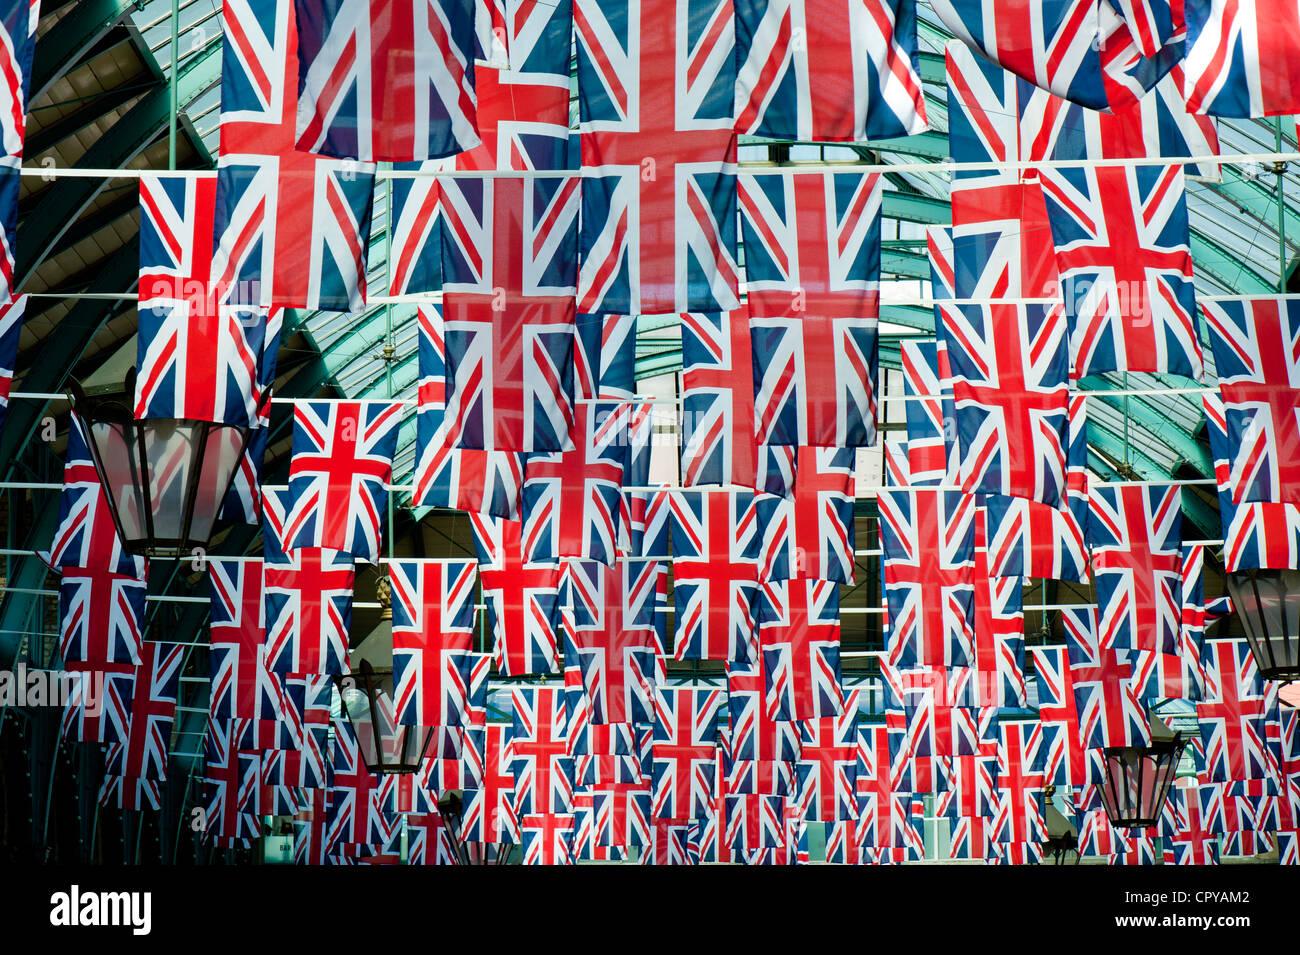 Apple mercato dacorated con Union Jack, Covent Garden, Londra, Regno Unito Immagini Stock